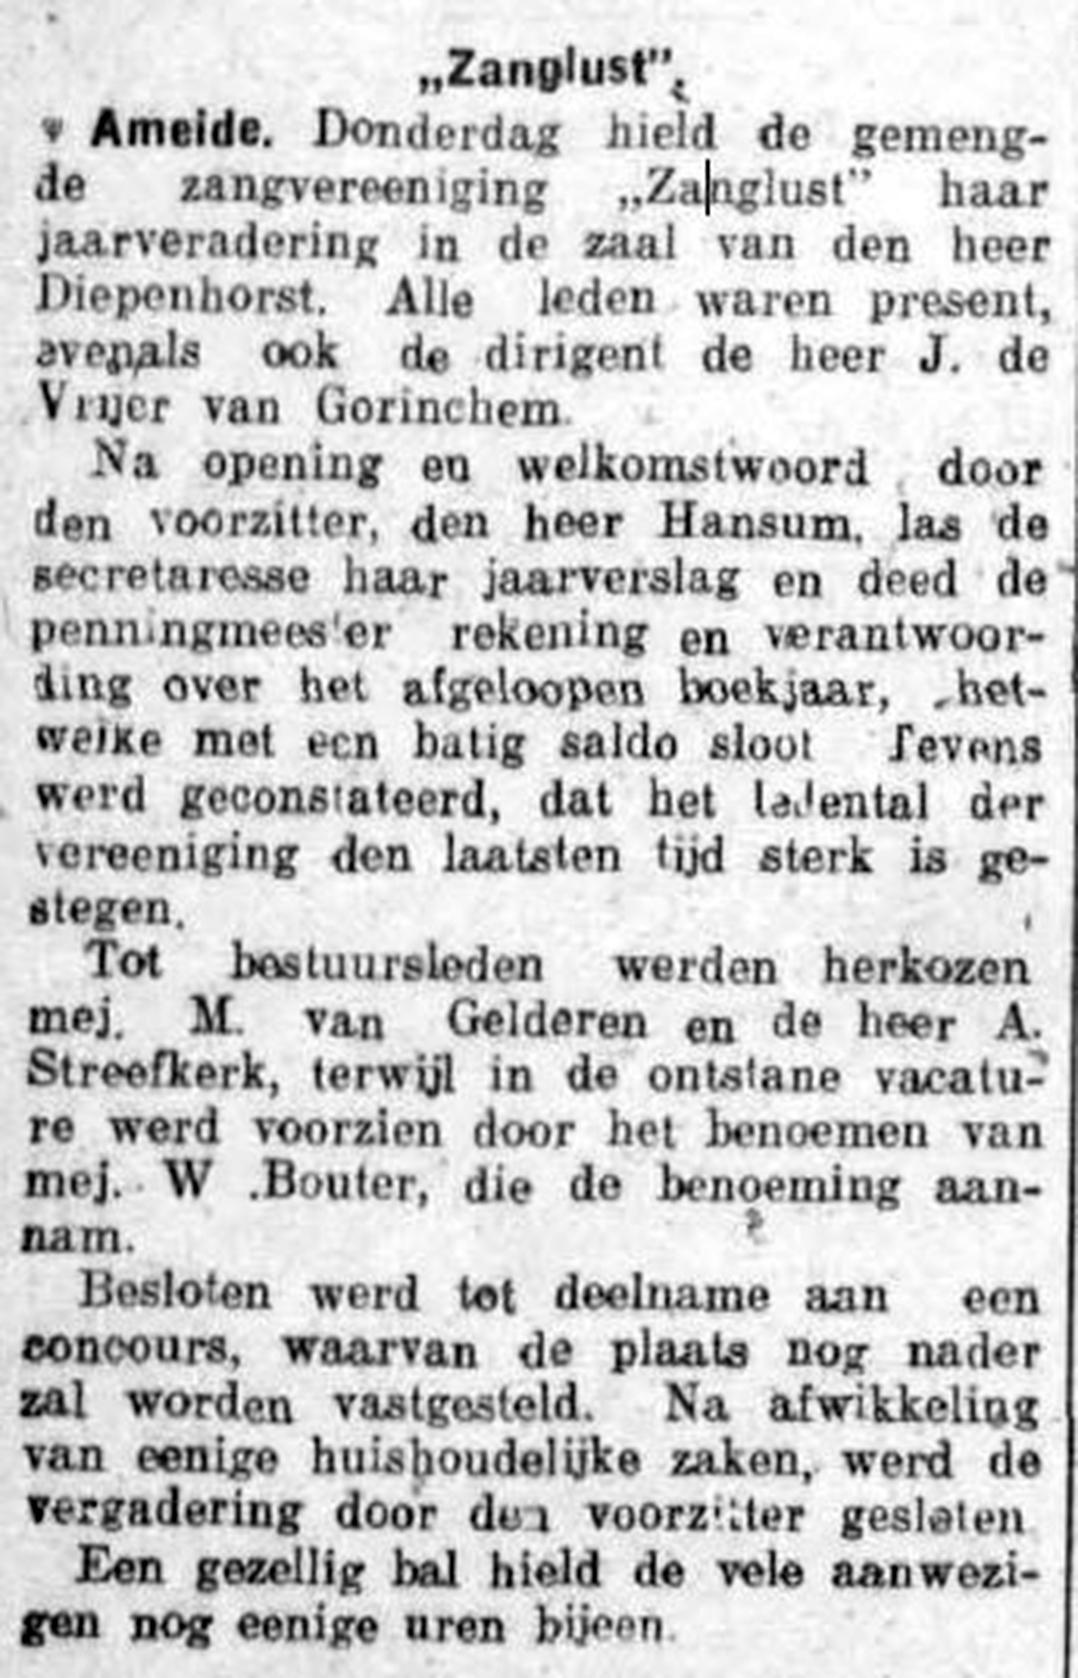 Schoonhovensche Courant 07788 1937-03-24 artikel 03